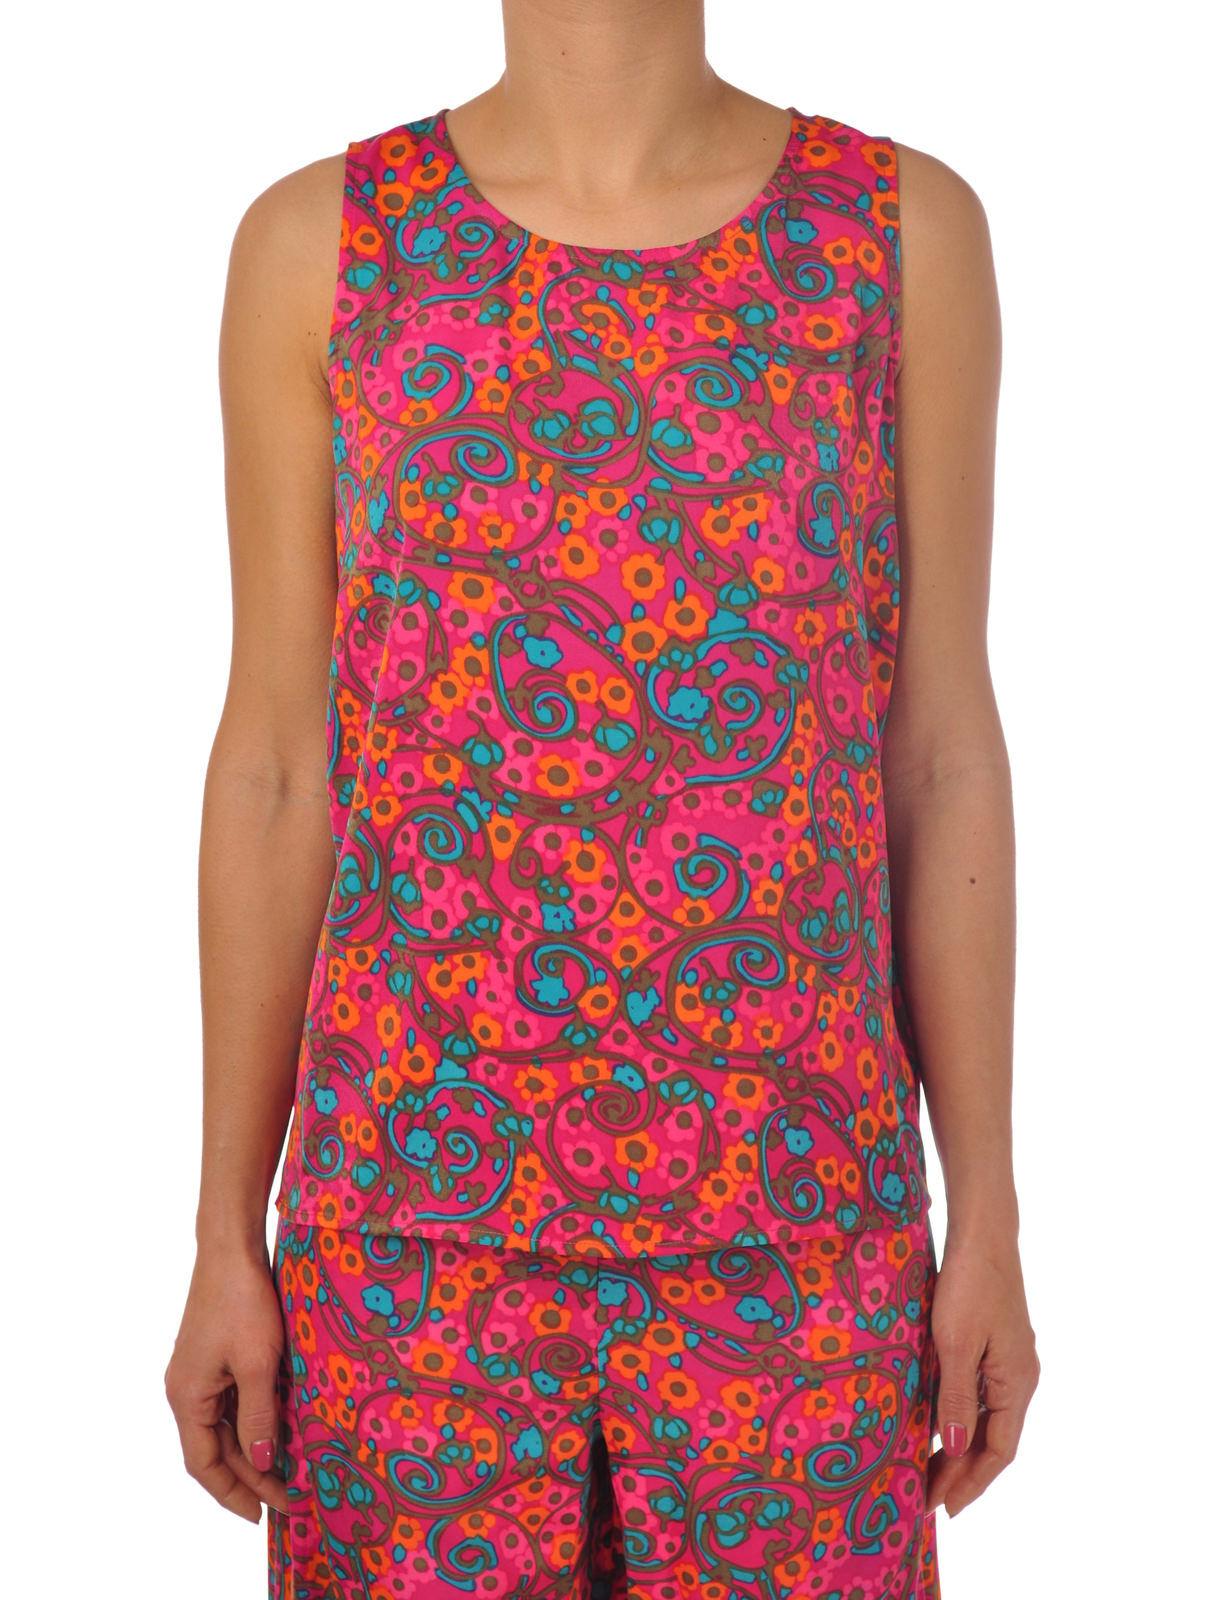 Hoss - Topwear-Top - Frau - Fantasie - 5080422F181105